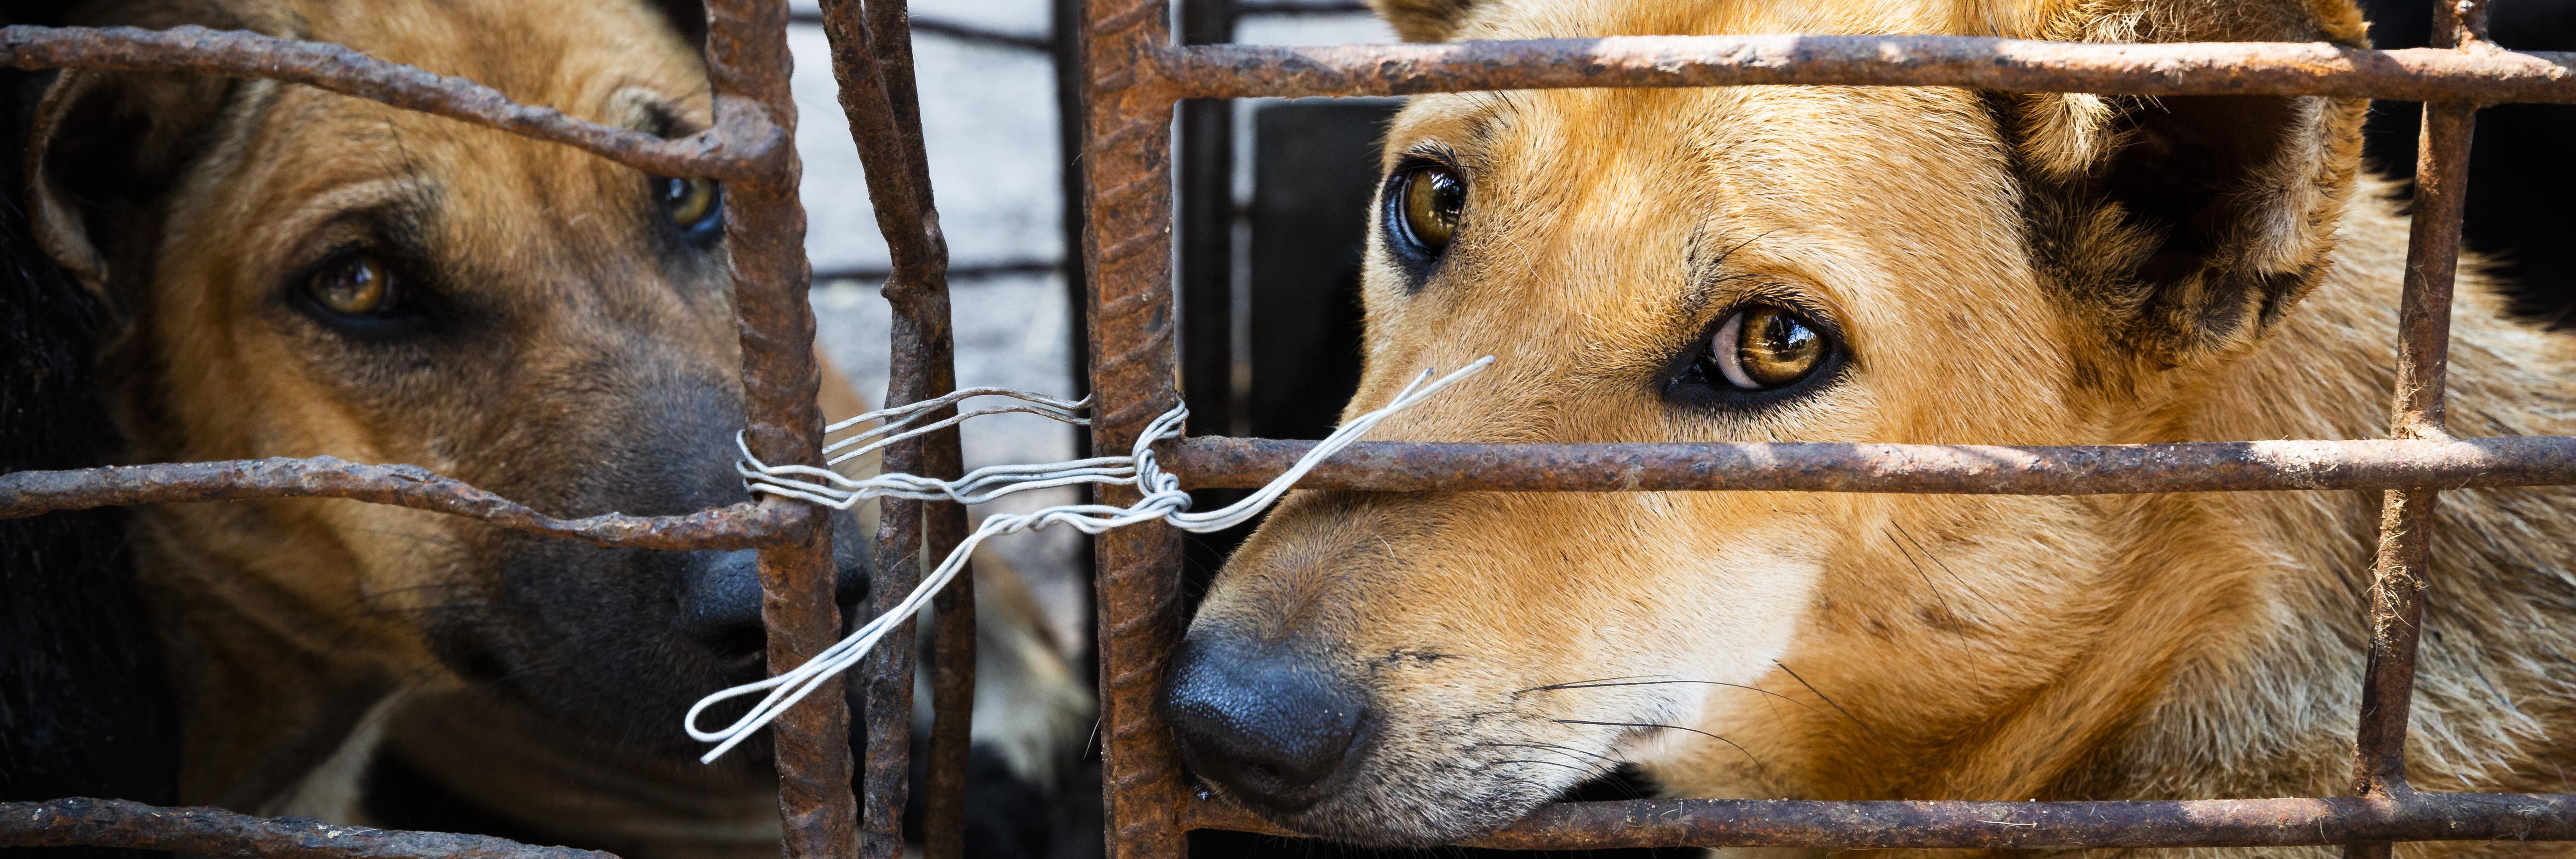 Hond in kooi bedoeld voor de handel in hondenvlees in Vietnam